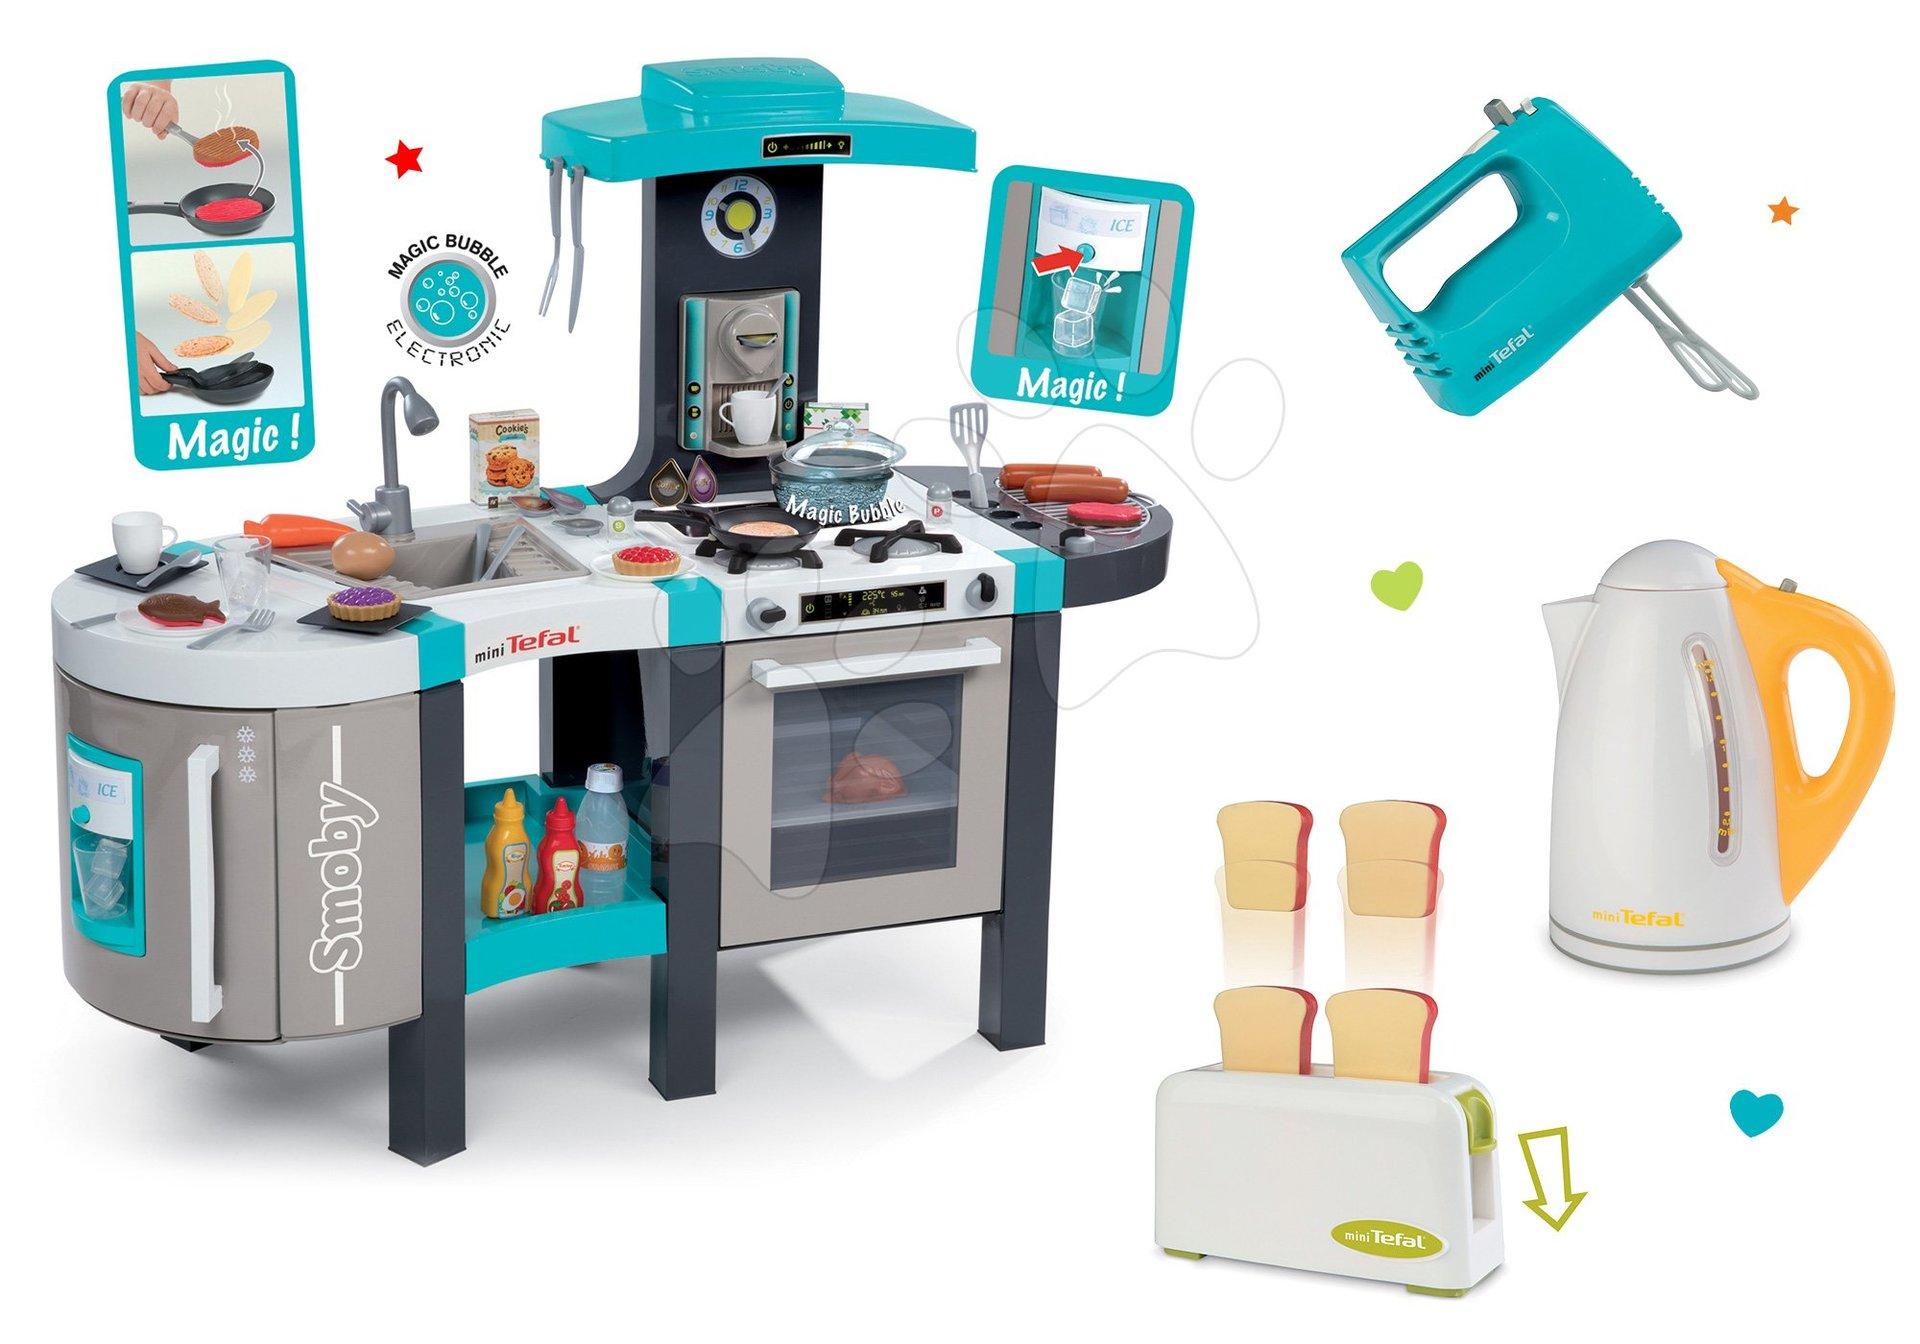 Kuchyňky pro děti sety - Set kuchyňka Tefal French Touch Smoby s ledem a kávovarem a 3 kuchyňské spotřebiče Tefal